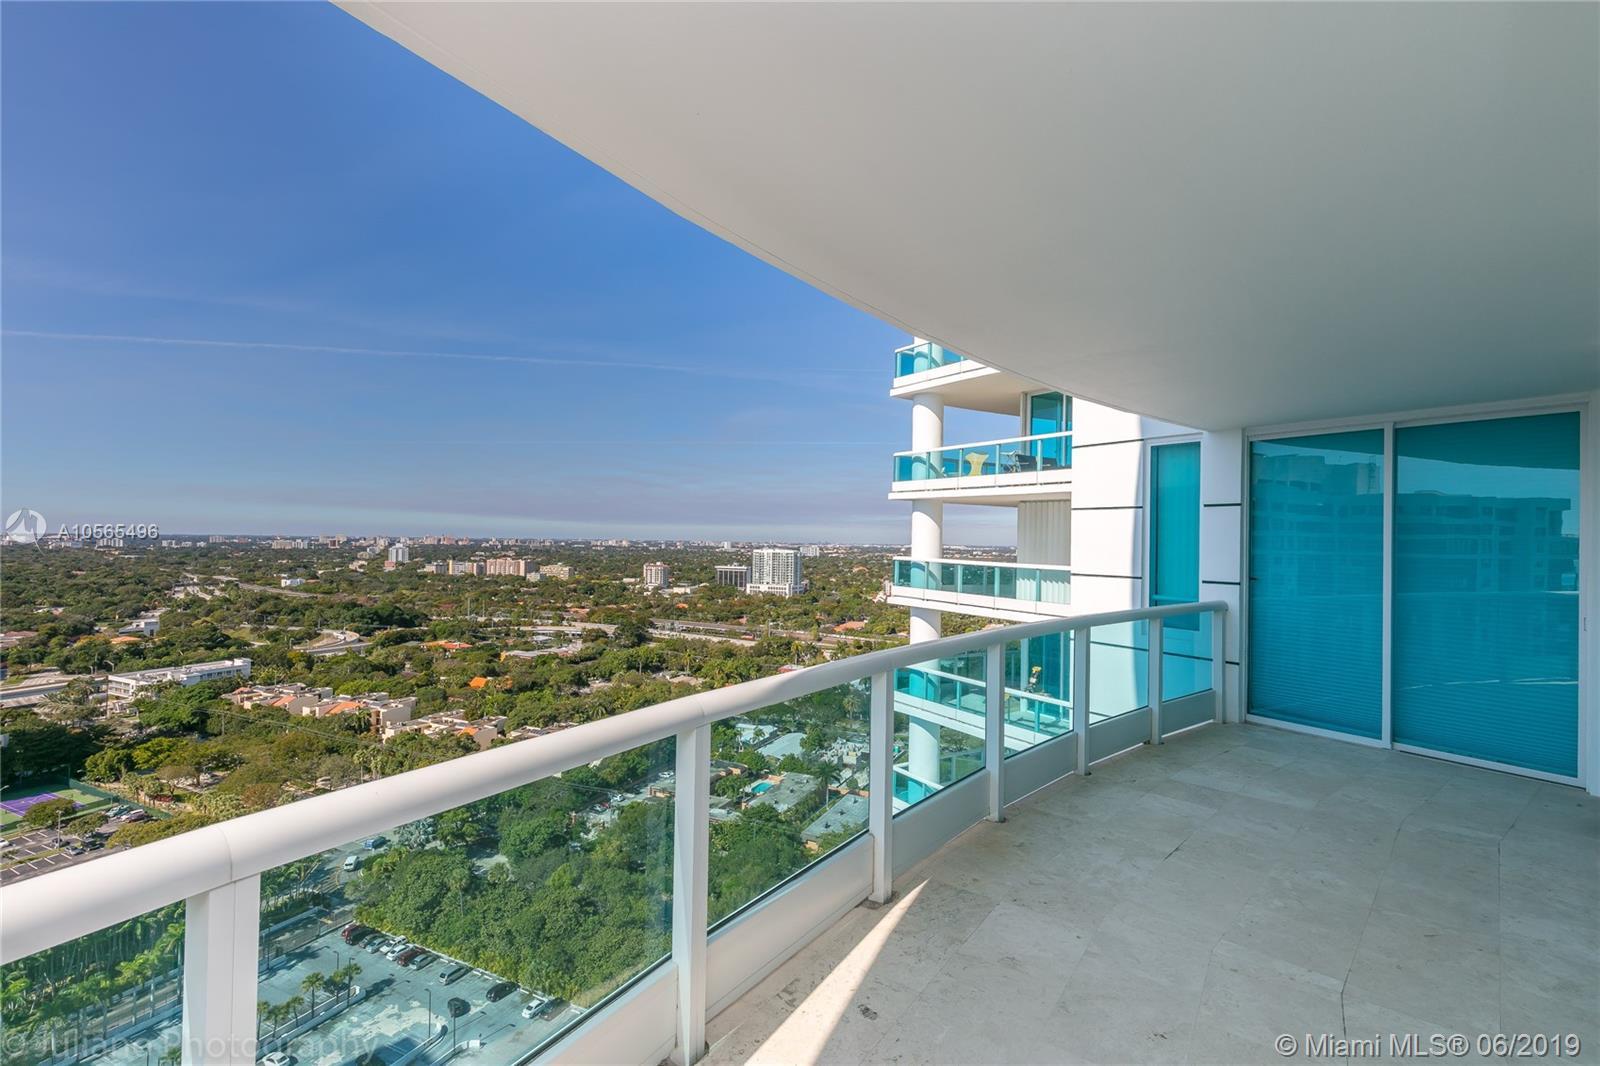 2127 Brickell Avenue, Miami, FL 33129, Bristol Tower Condominium #2902, Brickell, Miami A10565496 image #26